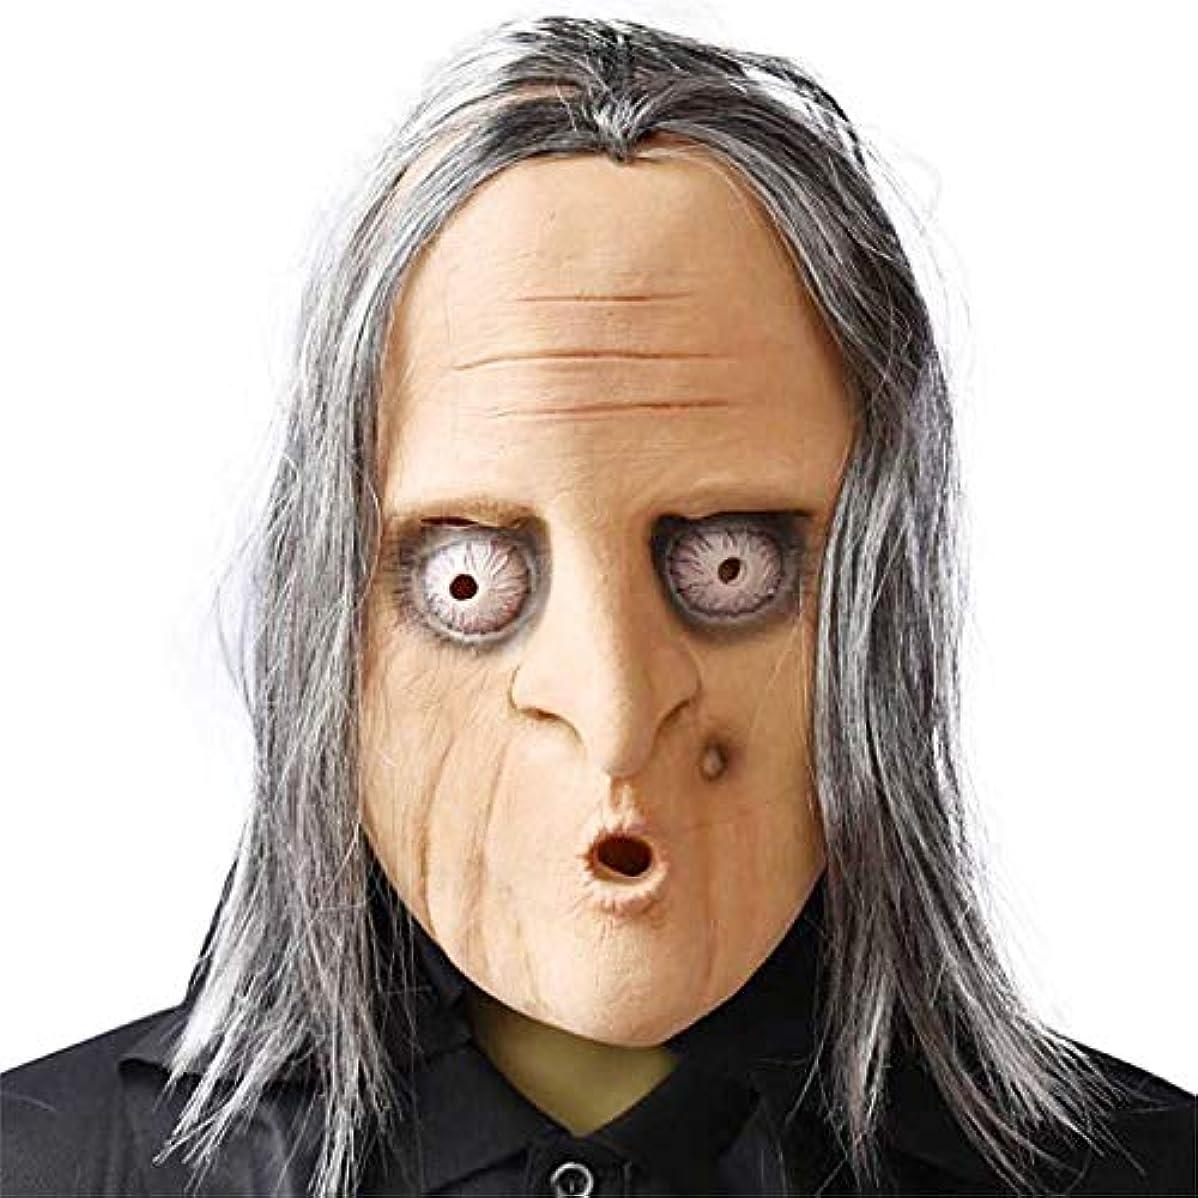 関税母つま先ゴーストフードハロウィンホラー長い髪の魔女マスクダンスパーティーバーパーティーのパフォーマンスの小道具